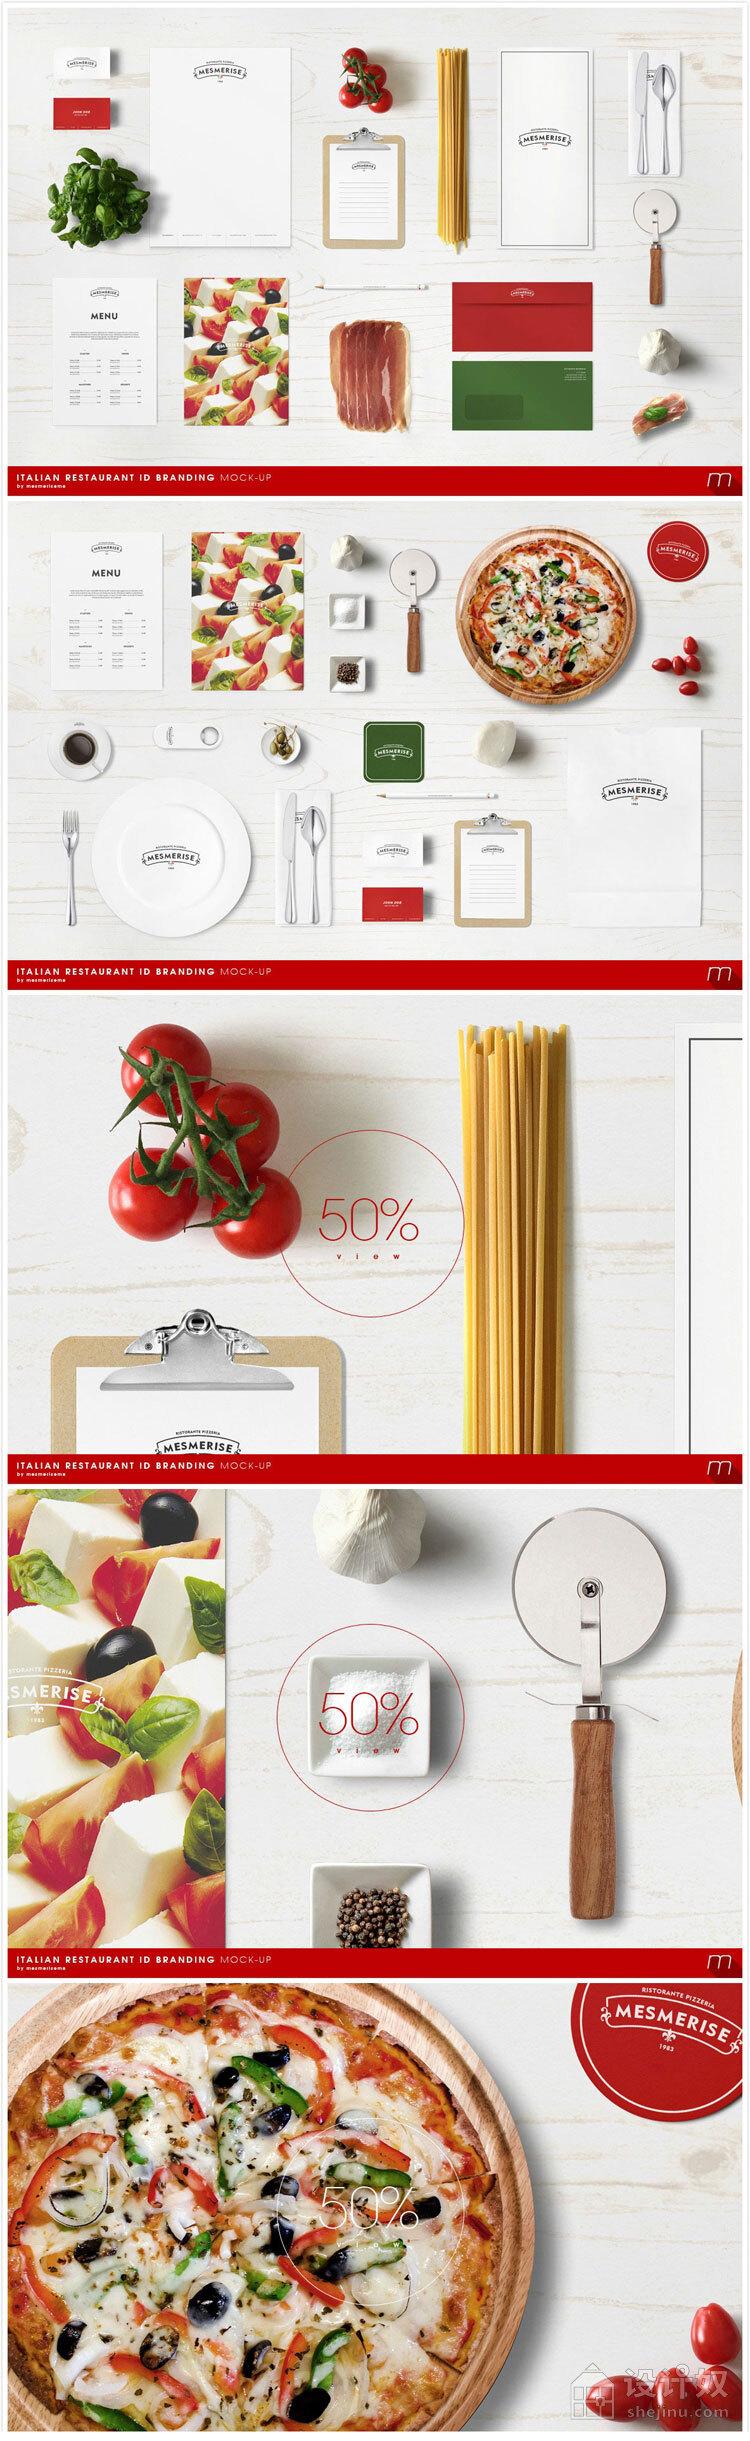 效果图模板 / vi / 西餐厅 vi 展示模板 /